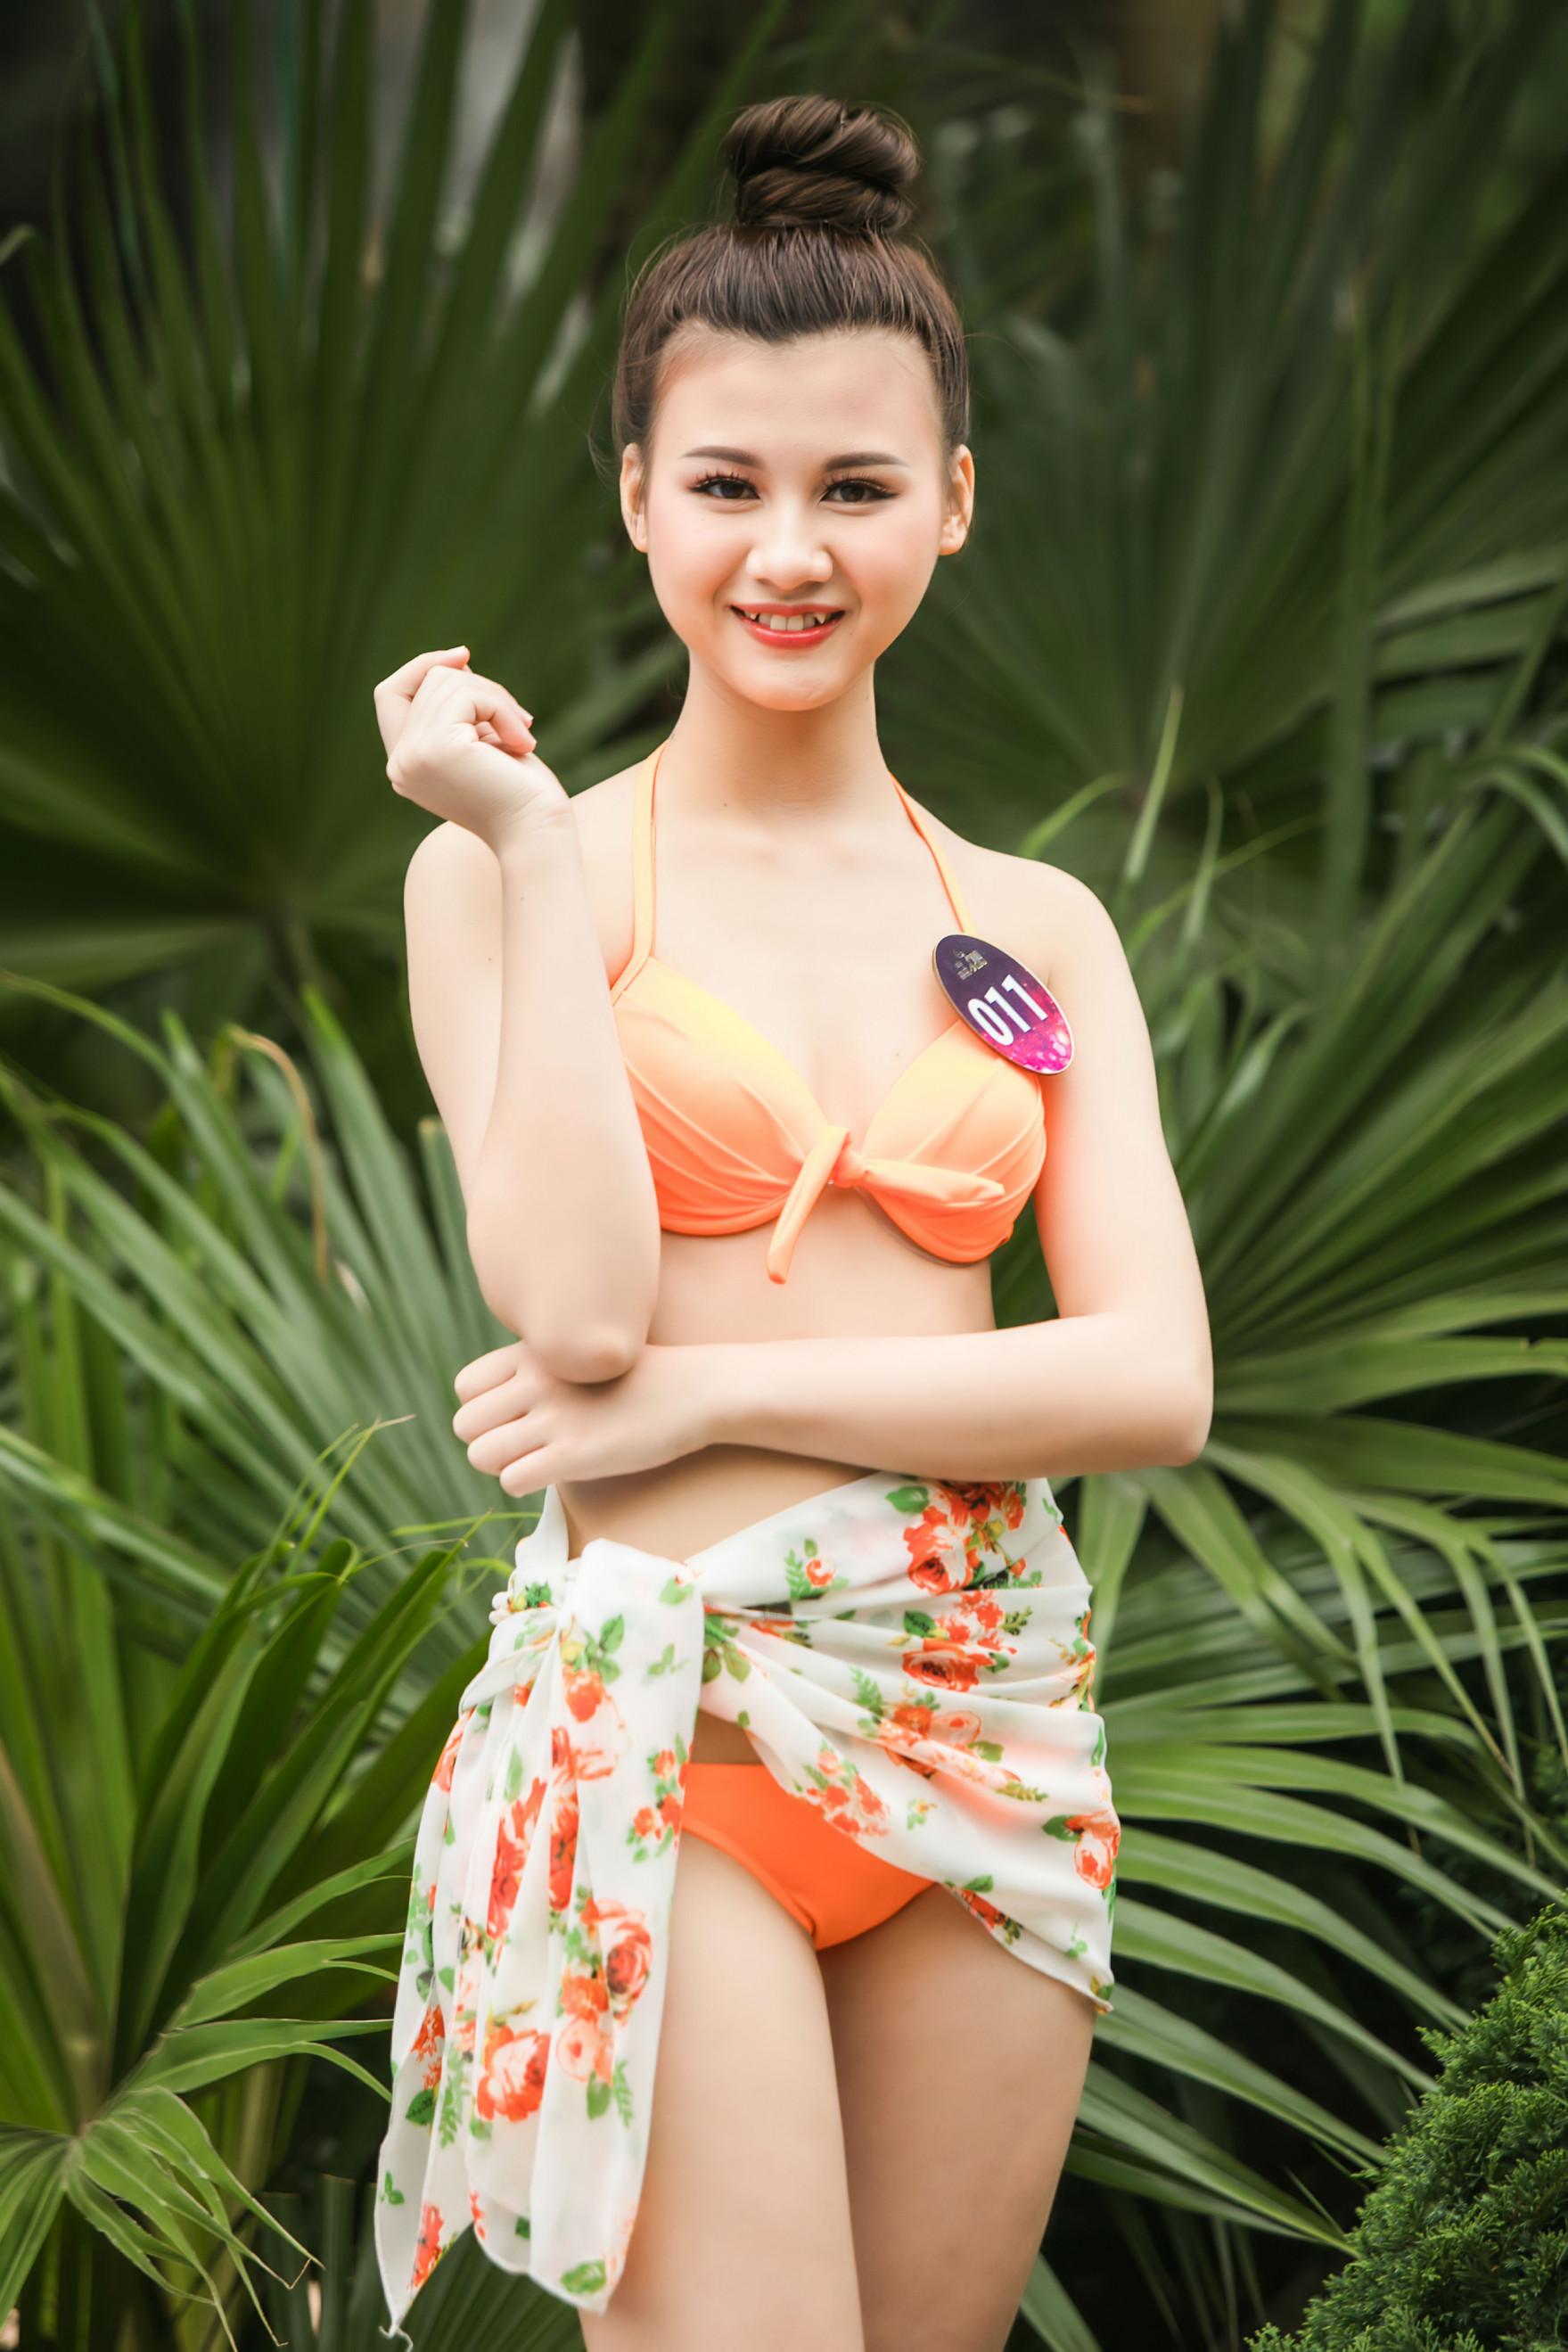 Thí sinh Nguyễn Thị Chúc, 19 tuổi